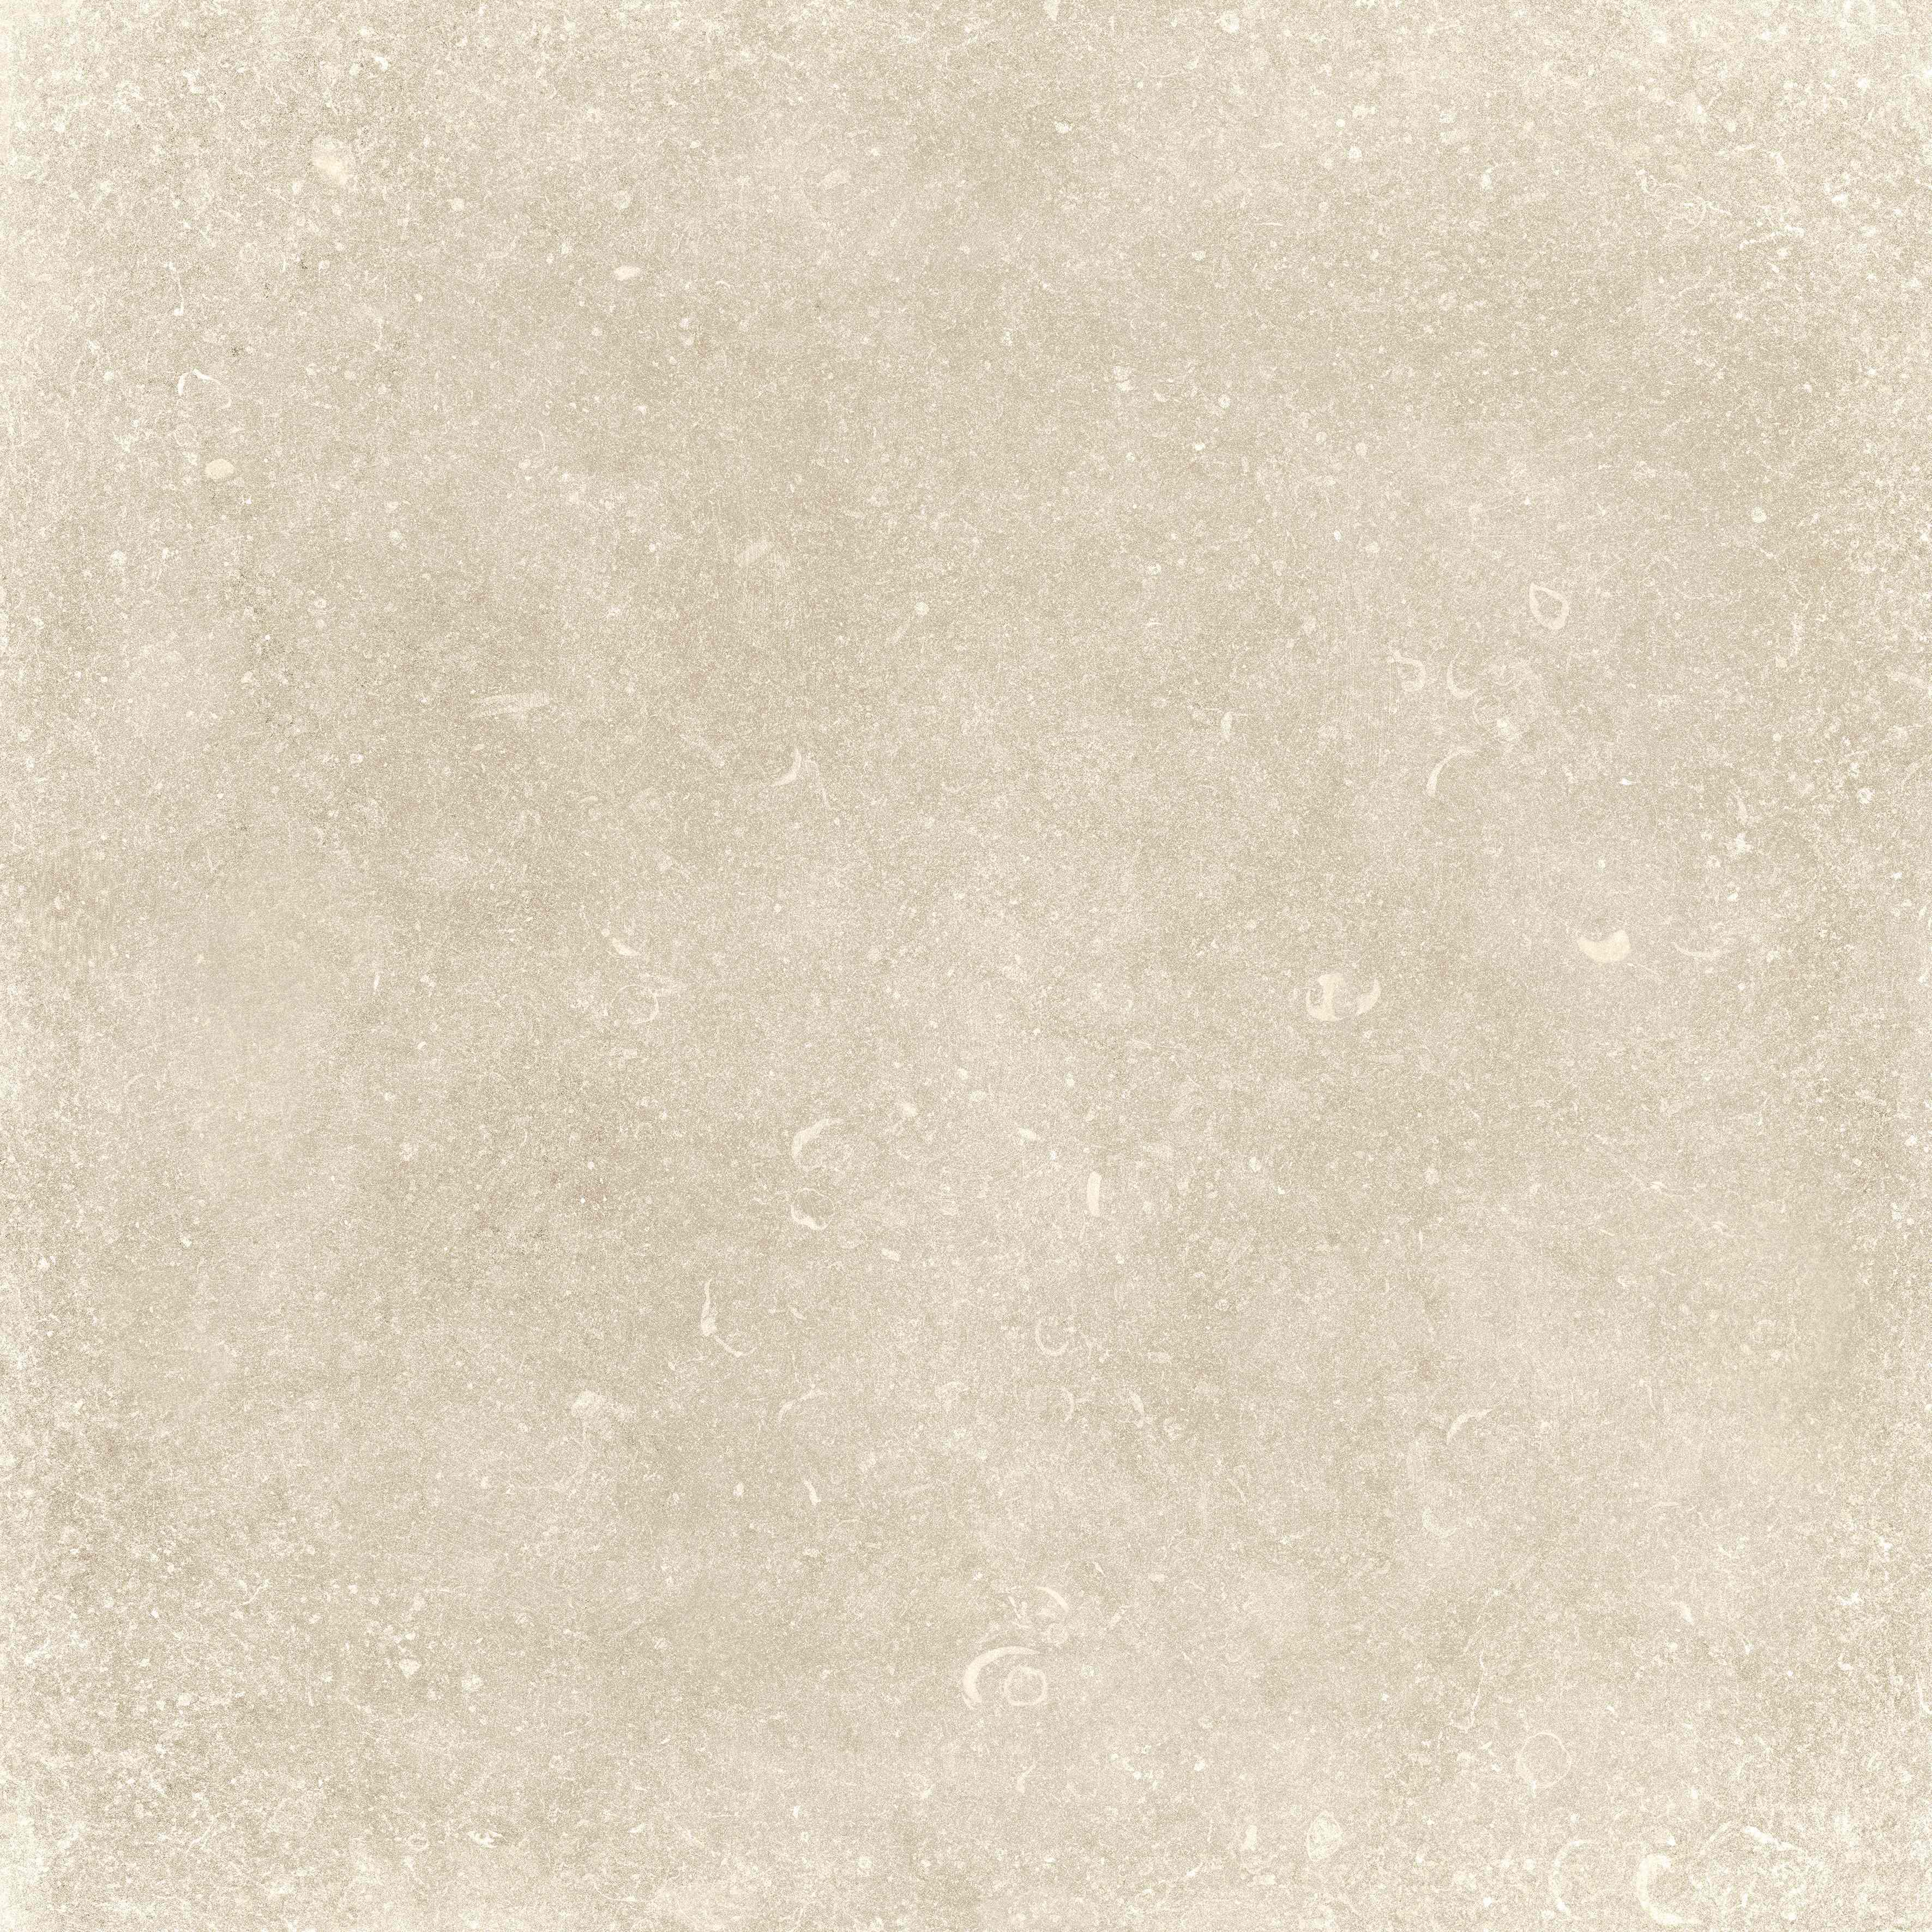 Плитка BEIGE (ZRXPZ3R) изображение 4